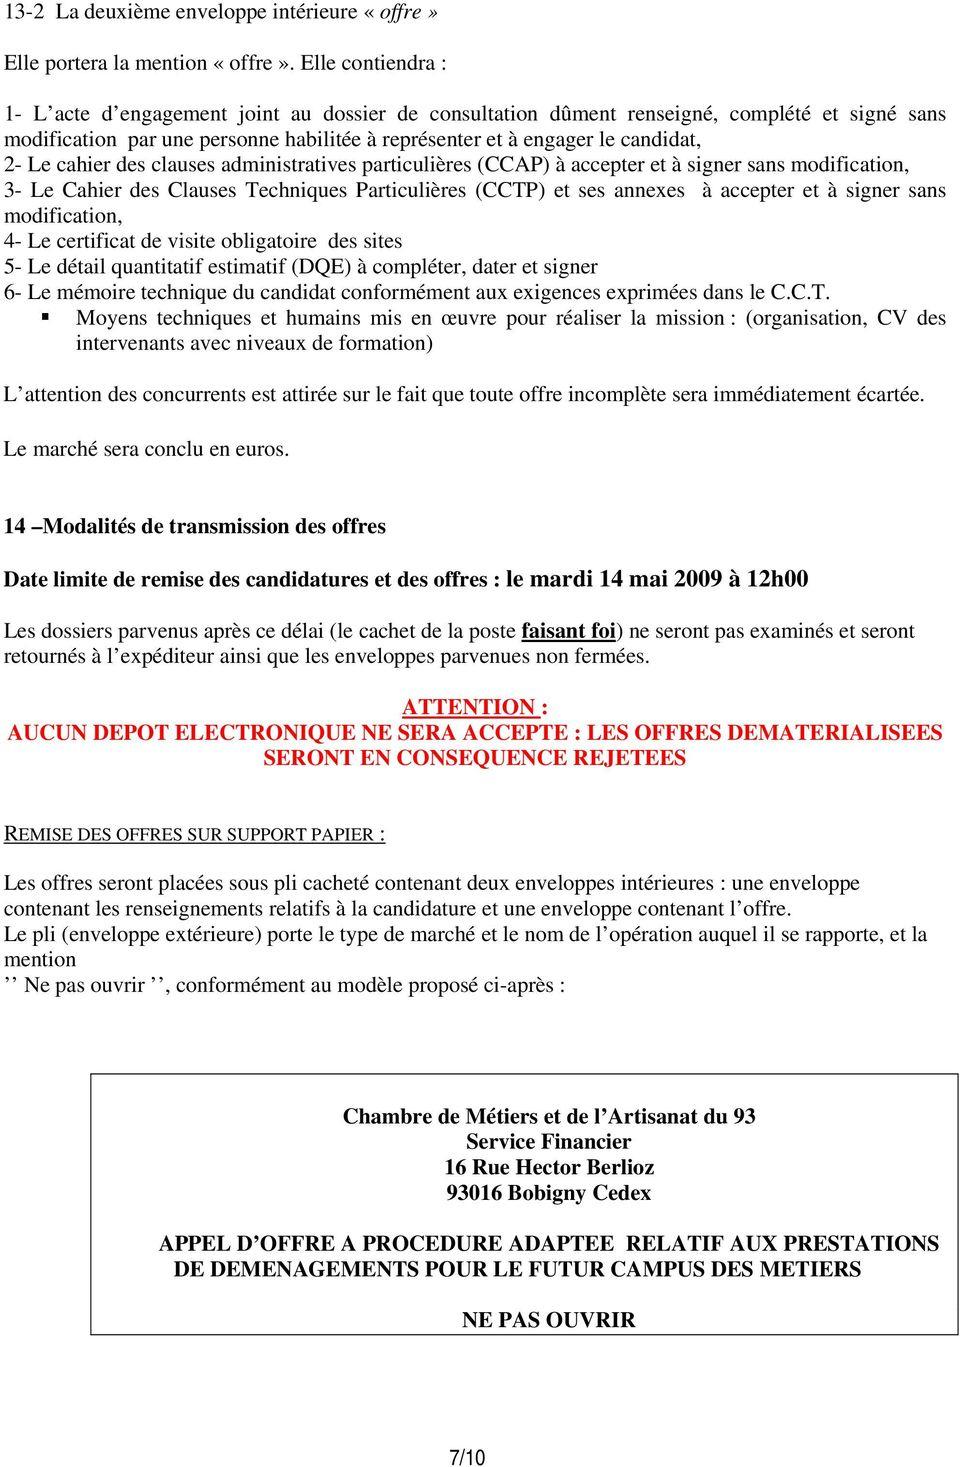 Chambre De Metiers Et De L Artisanat De La Seine-Saint-Denis à Chambre Des Metiers Bobigny